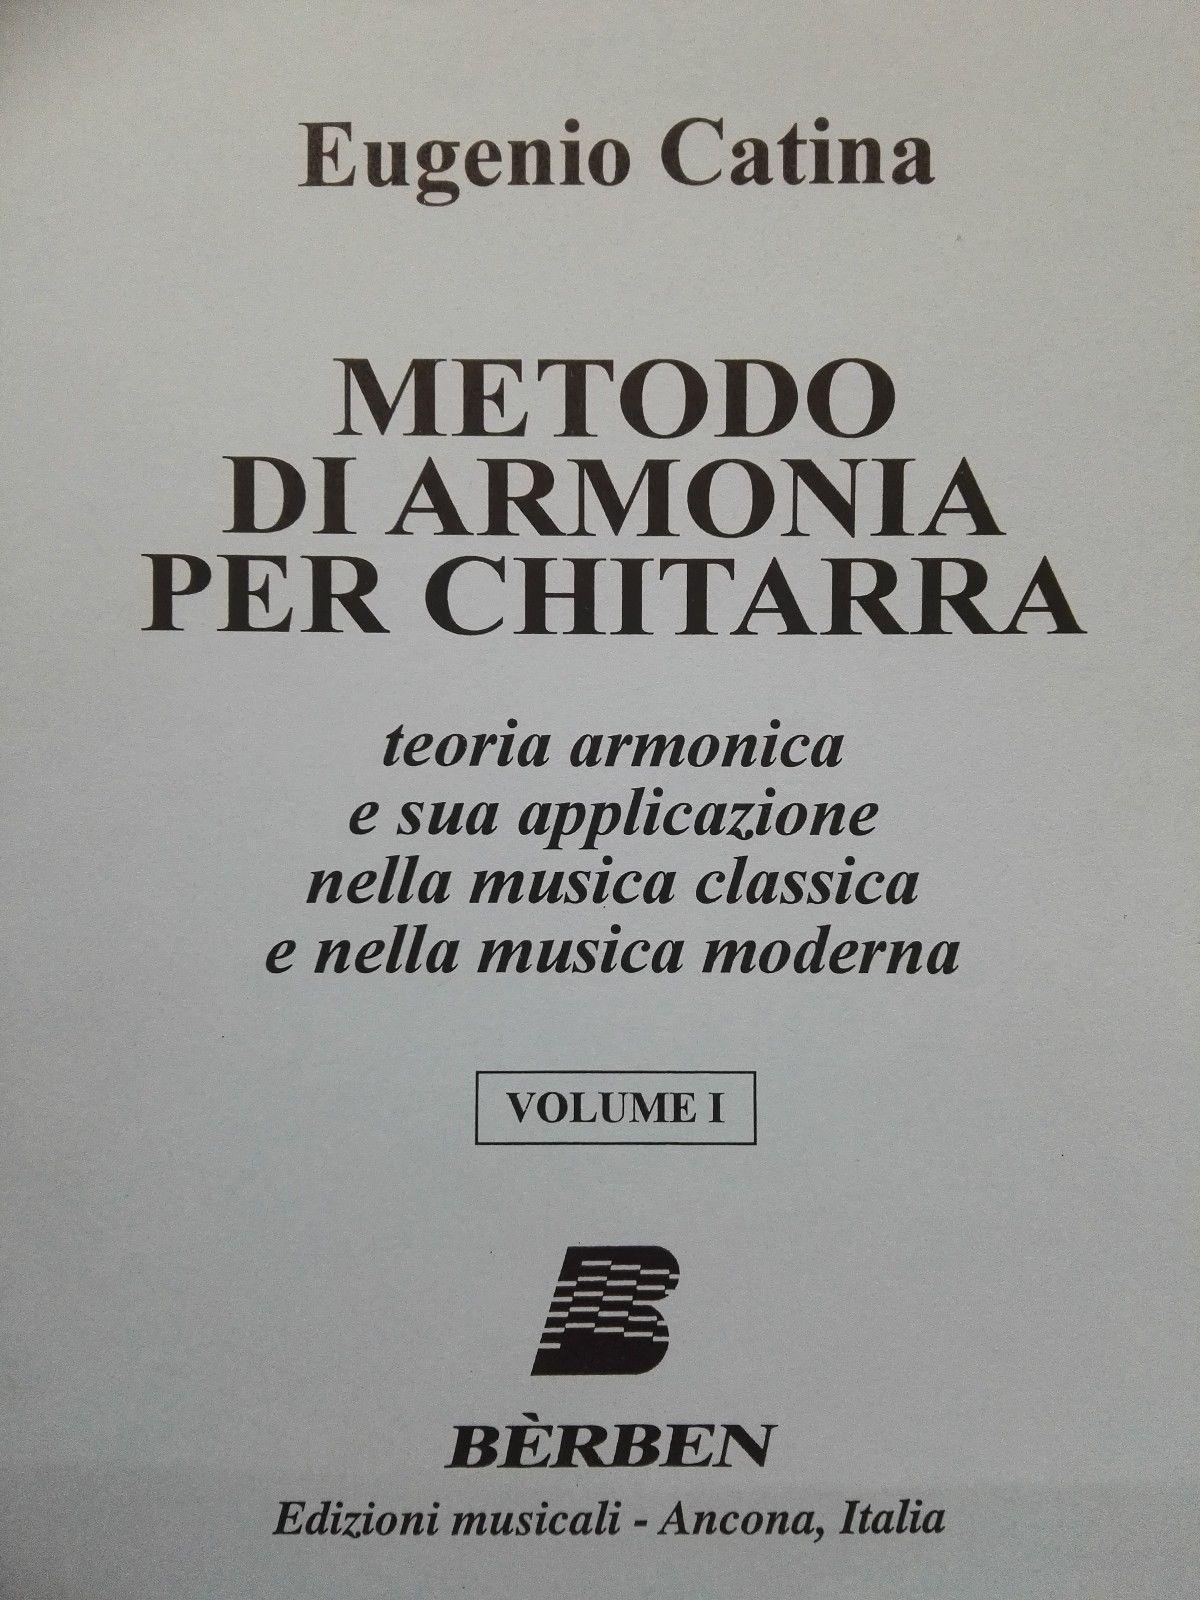 BERBEN Metodo di armonia per chitarra Volume I - CATINA